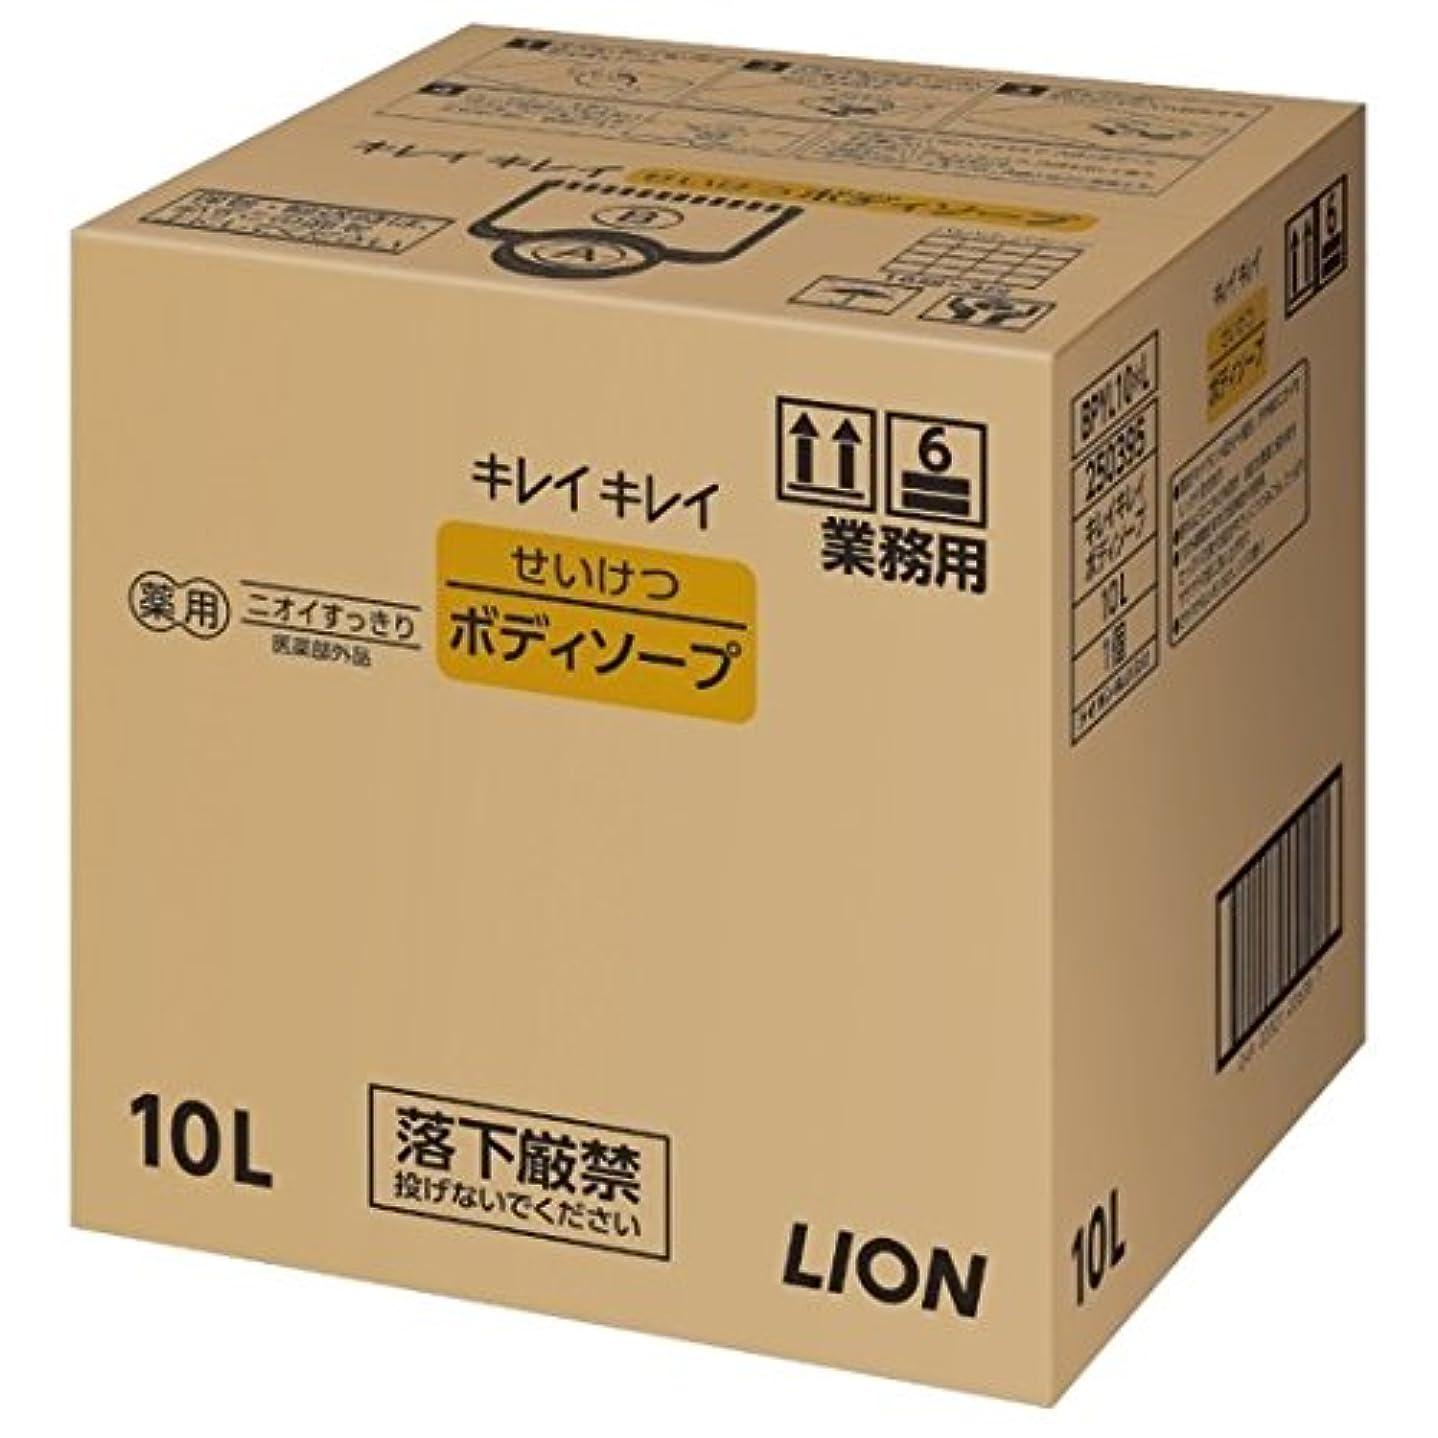 インタフェース悲観的どれかライオン 業務用 キレイキレイ せいけつボディソープ 10L